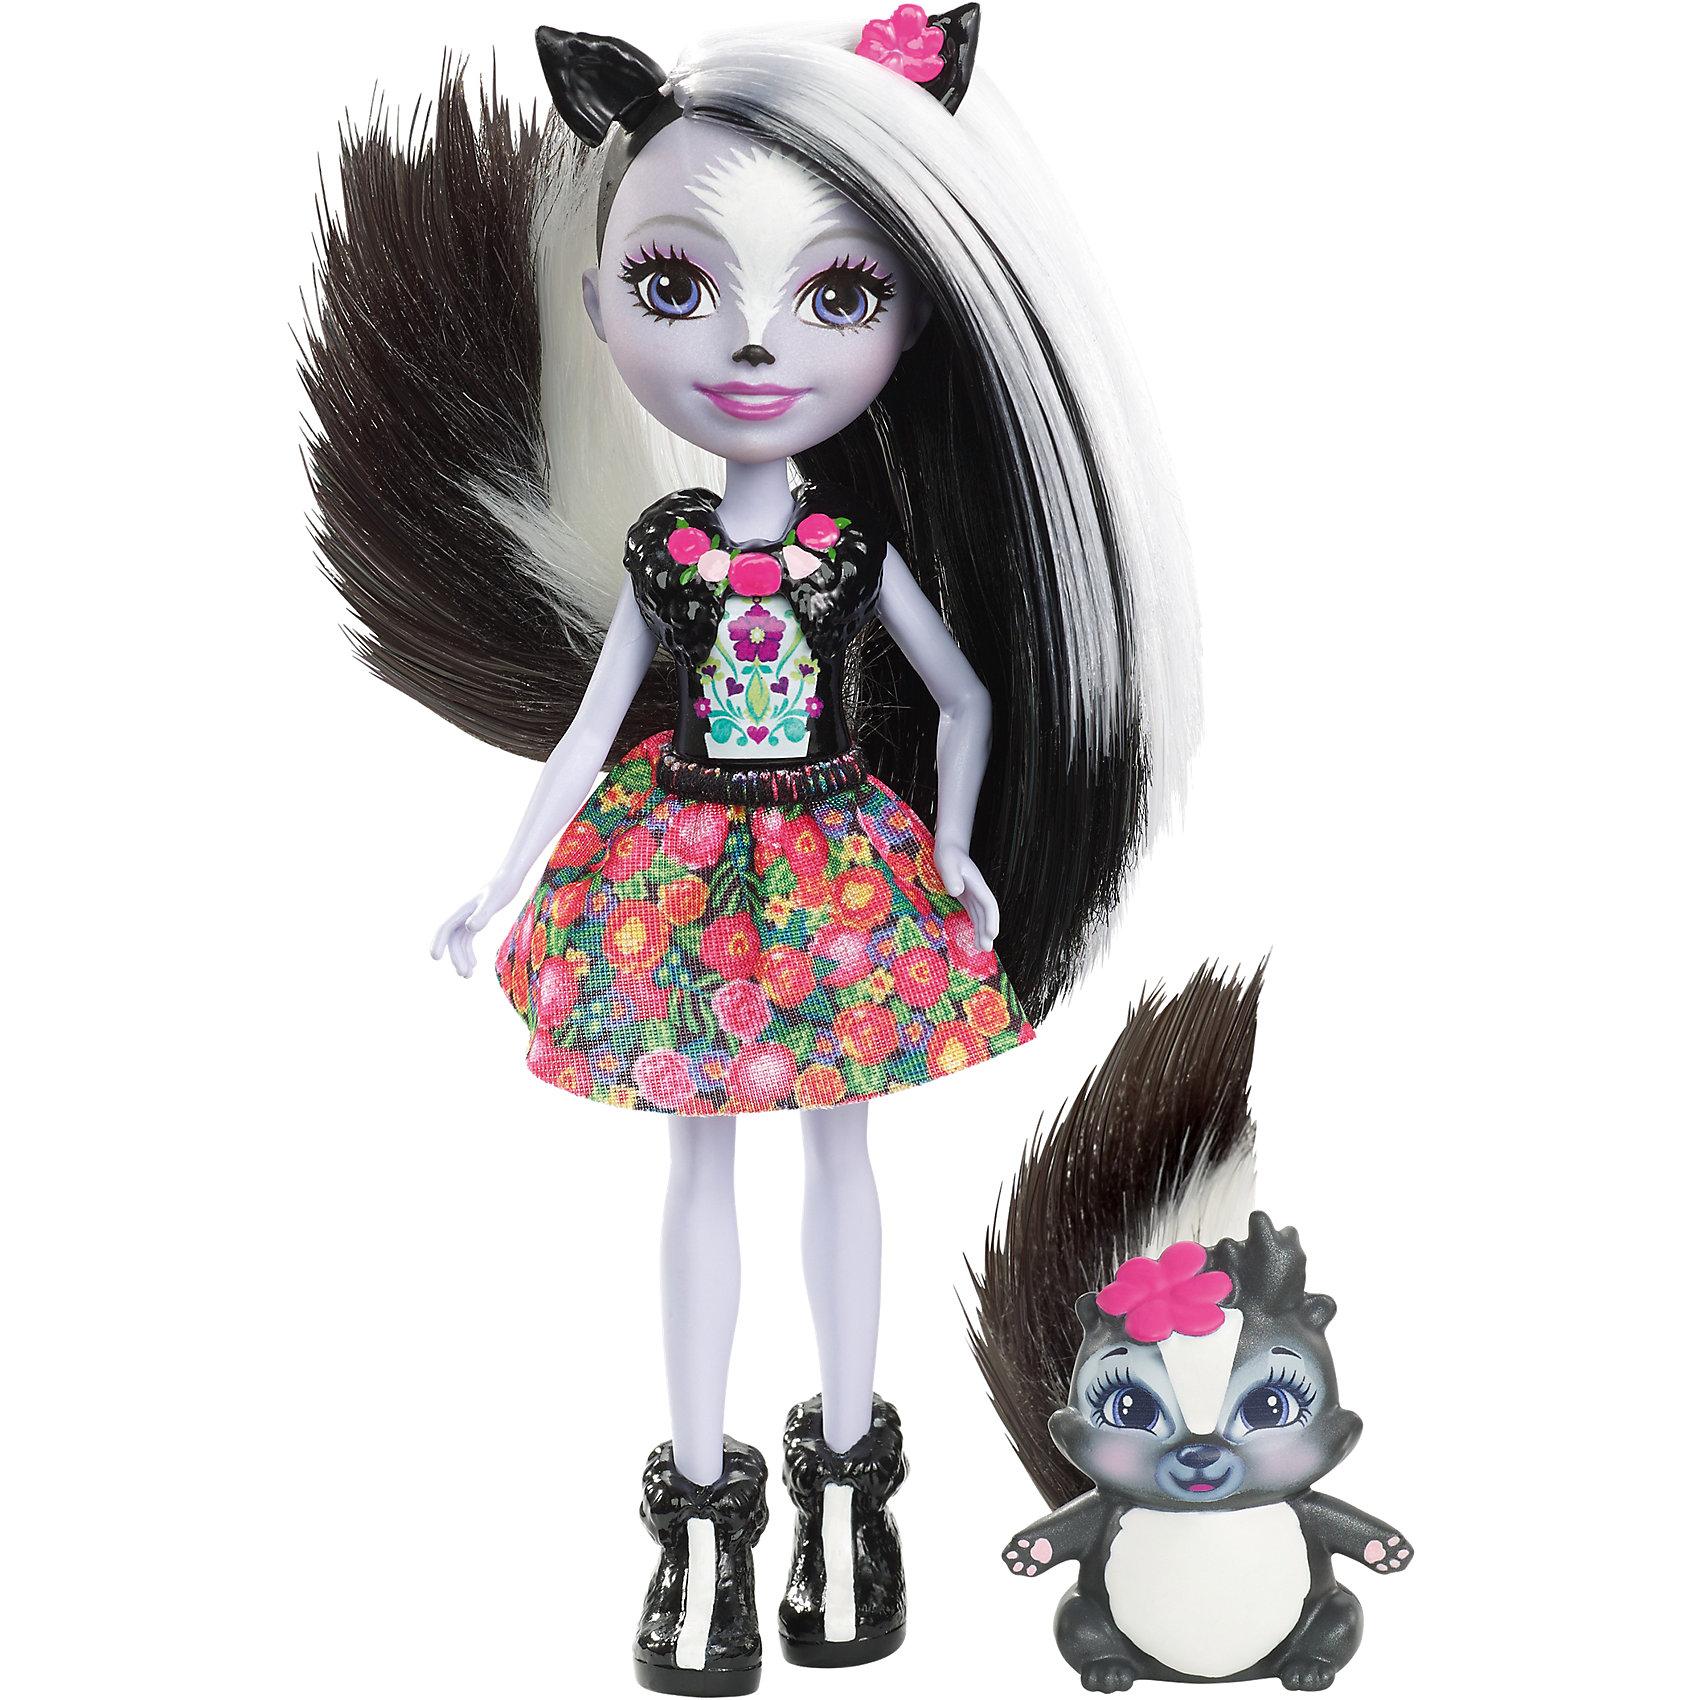 Кукла-скунс Enchantimals Сэйдж СканкМини-куклы<br>Характеристики товара:<br><br>• возраст: от 3 лет;<br>• пол: девочка;<br>• материал: пластик, текстиль<br>• высота куклы: 15 см;<br>• в комплекте : кукла, фигурка питомца; <br>• подвижные руки, ноги и голова кукол;<br>• мягкие волосы, которые можно расчесывать;                                         <br>• страна-производитель: Индонезия;                                    <br>• размер упаковки: 5,5х10х32,5 см.<br><br>Новинка от Mattel!!!<br>Перед вами Сейдж Скунси и ее милый пушистый скунс Кейпер. Они так похожи! У Сейдж есть ушки, хвостик и носик прямо как у ее зверька. А еще у нее светло-серая кожа, сиреневые глазки и длинные черно-белые волосы, которые можно расчёсывать. Наряд Седж просто роскошен: темный топ и пышная юбка разрисована цветами. А еще на ножках нашей героини красуются туфельки в виде скунсов, дополняющие образ.<br><br>У Кейпер милая мордочка, лапки и ушки, большие глазки и пушистый хвостик.<br><br>Куклу Сейдж Скунси от Mattel можно купить в нашем интернет-магазине.<br><br>Ширина мм: 229<br>Глубина мм: 127<br>Высота мм: 40<br>Вес г: 91<br>Возраст от месяцев: 72<br>Возраст до месяцев: 120<br>Пол: Женский<br>Возраст: Детский<br>SKU: 6739699